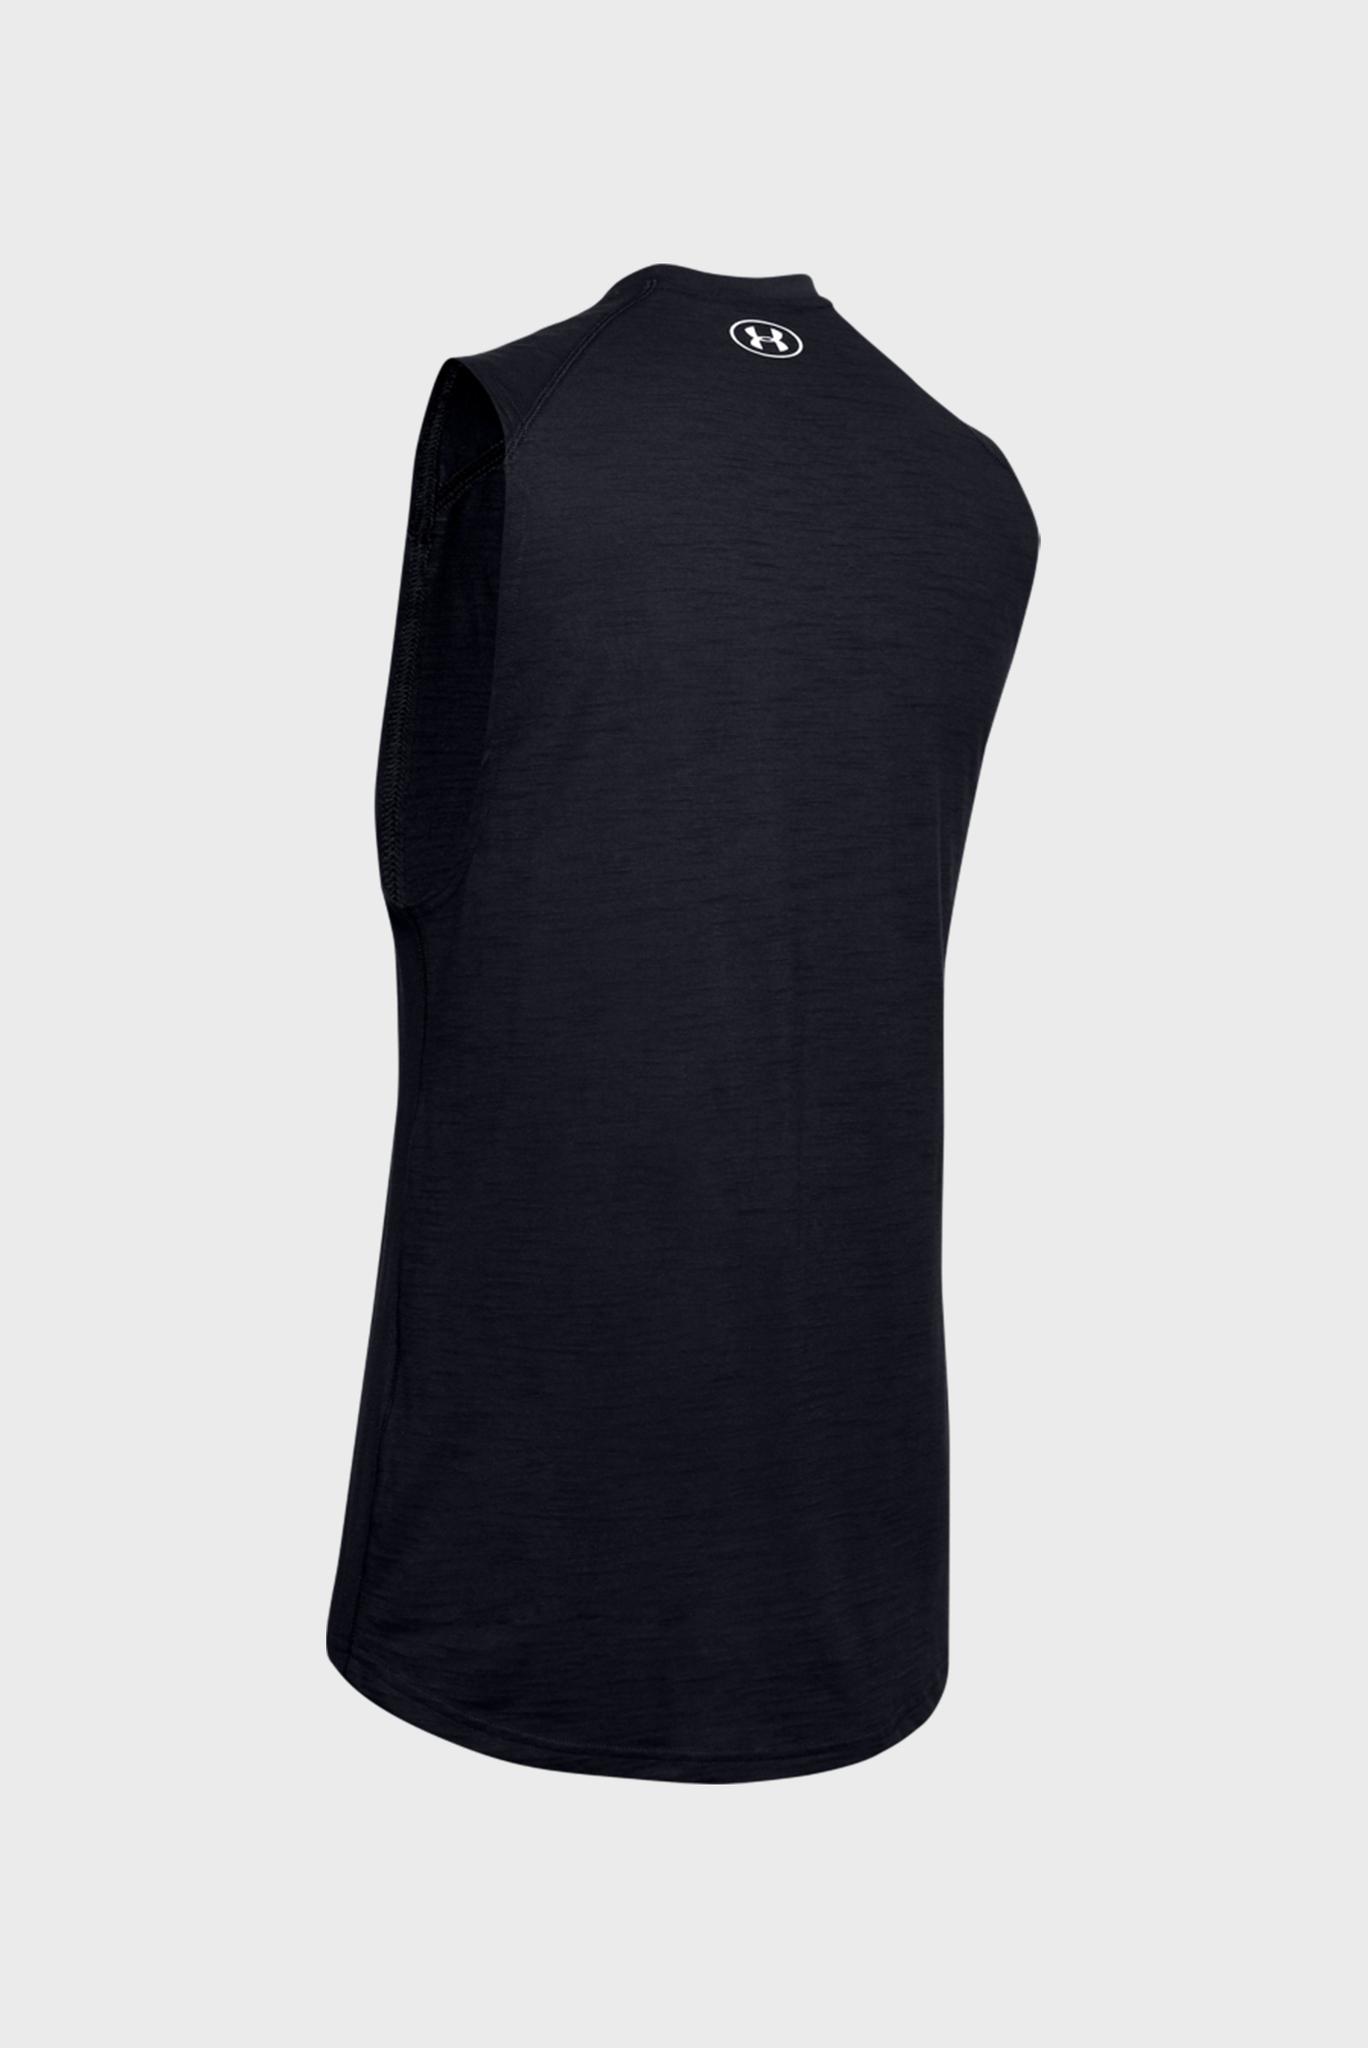 Мужская черная спортивная футболка Charged Cotton Tank Under Armour